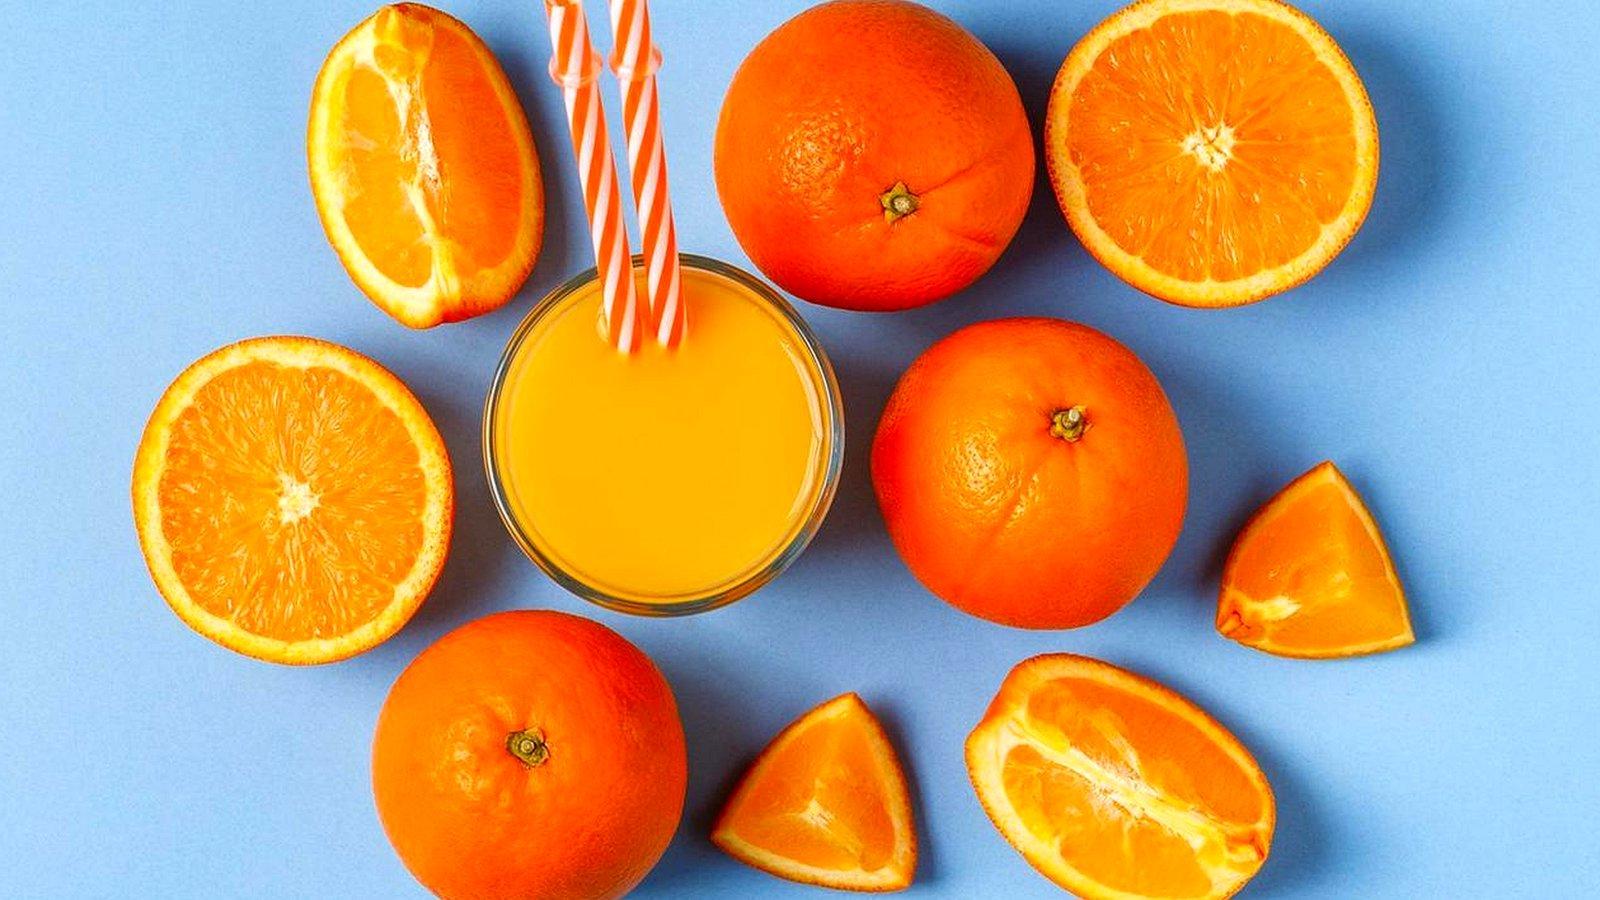 Так ли полезны свежевыжатые соки? И выводят ли они токсины?